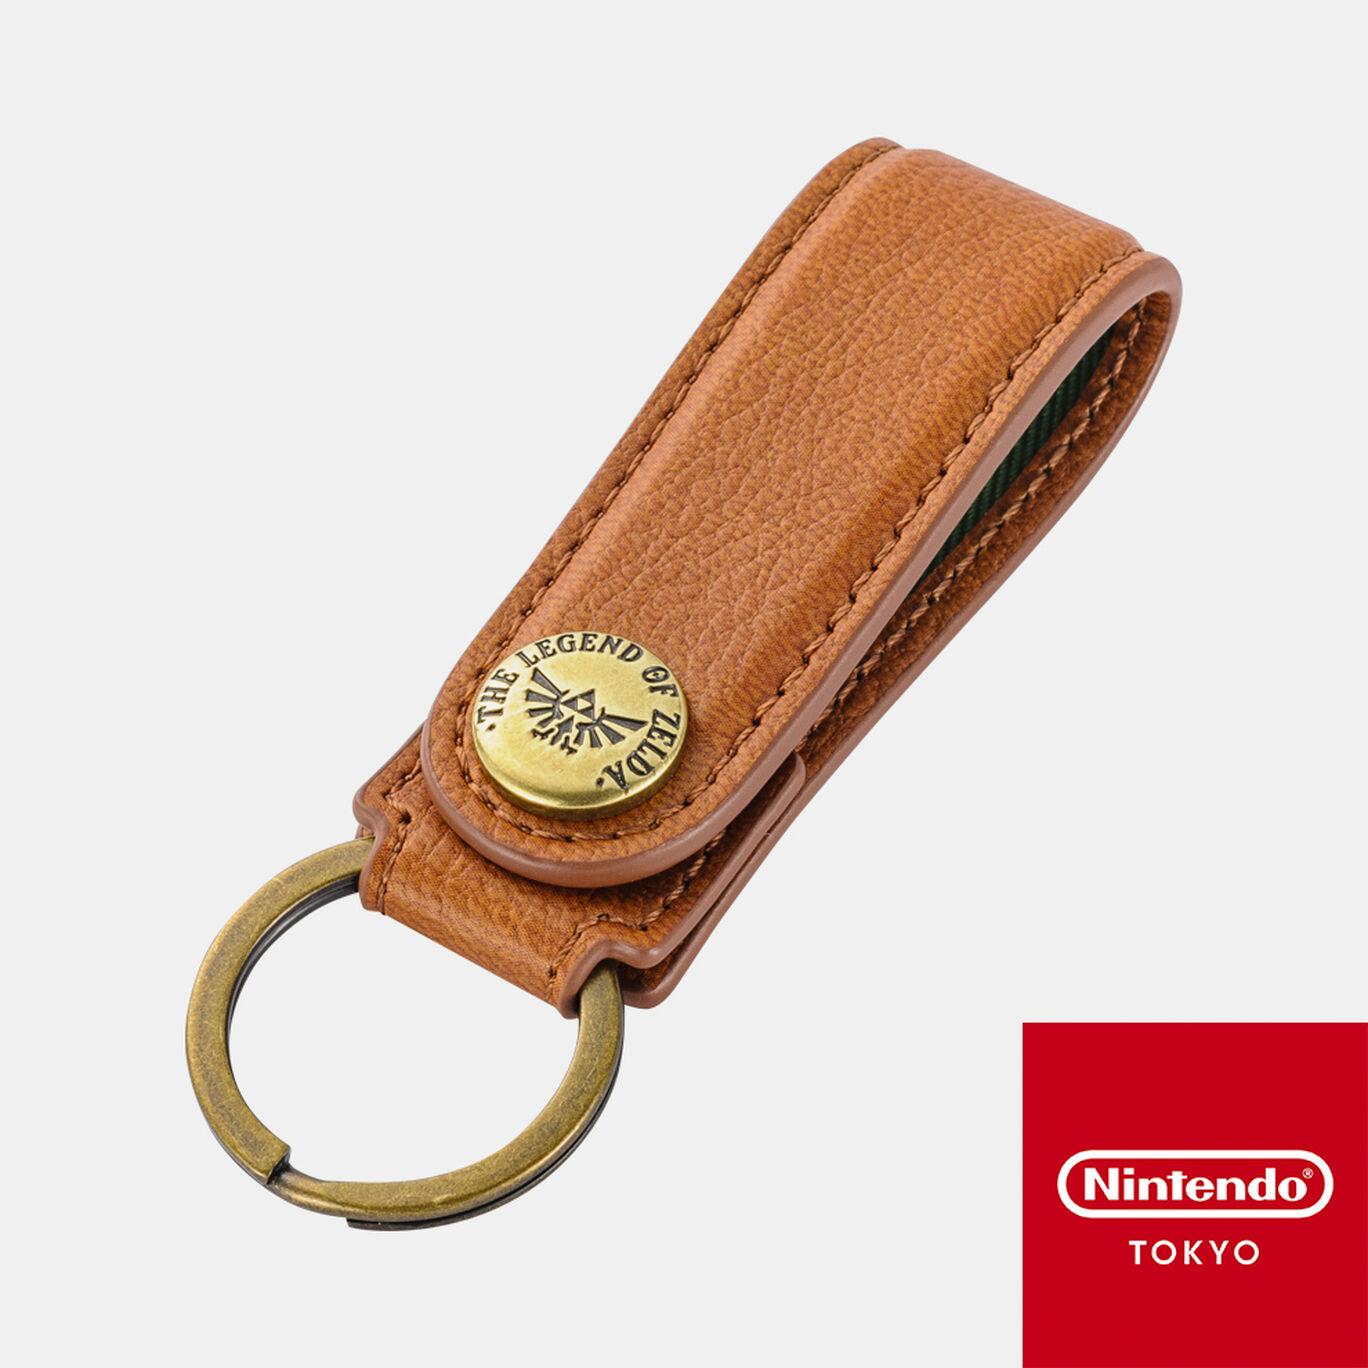 【新商品】ストラップキーホルダー ゼルダの伝説【Nintendo TOKYO取り扱い商品】